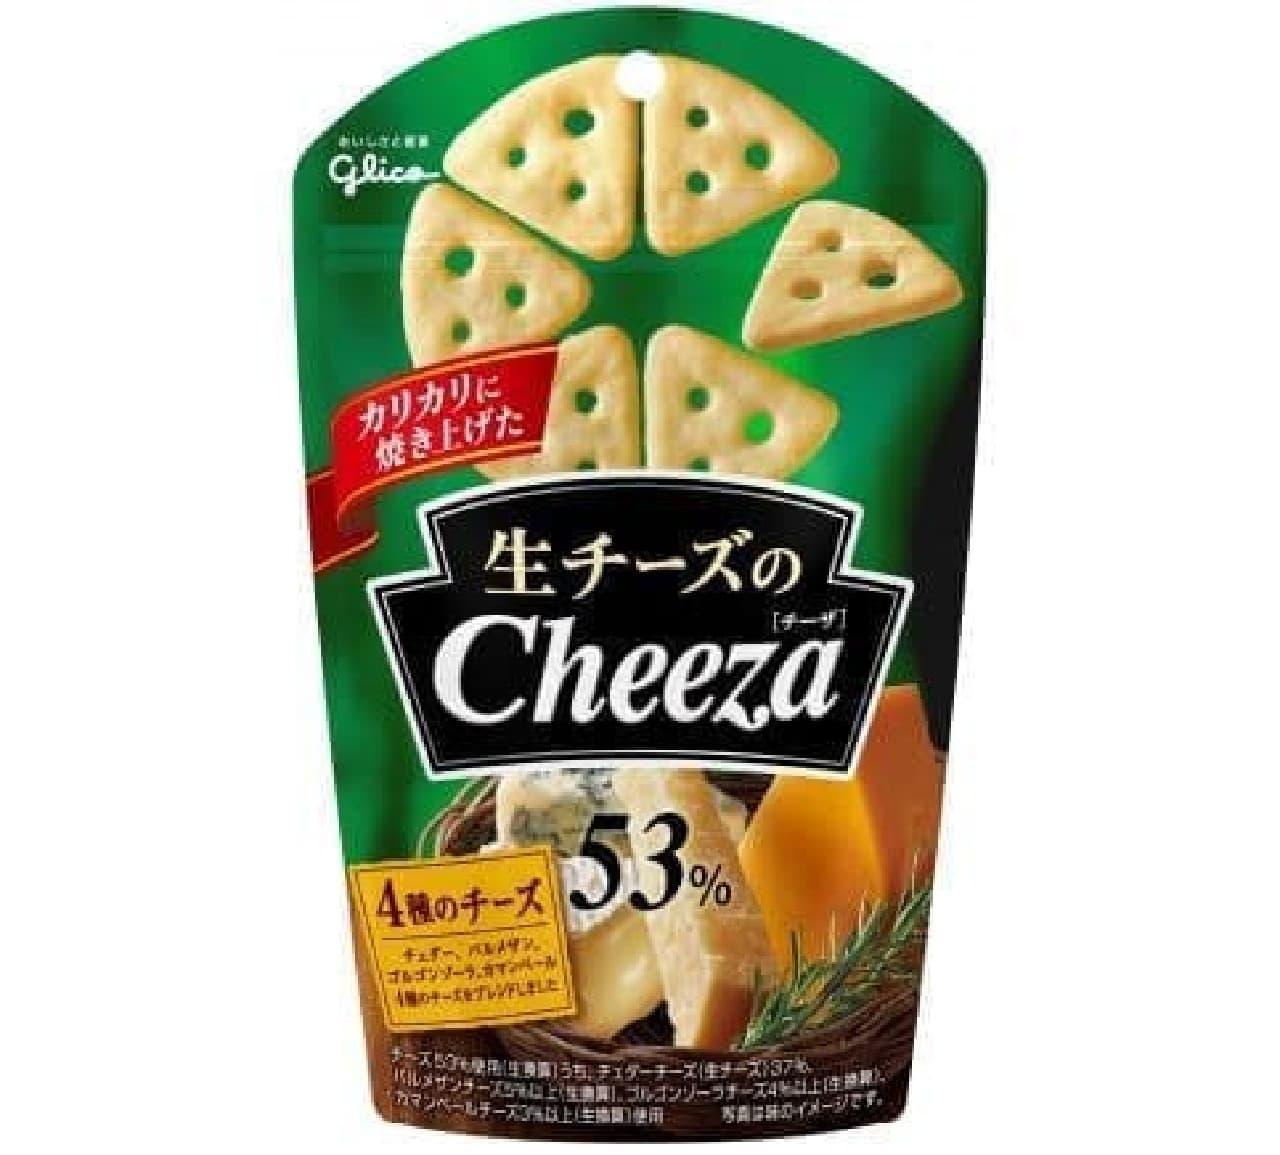 江崎グリコ「生チーズのCheeza 4種のチーズ」